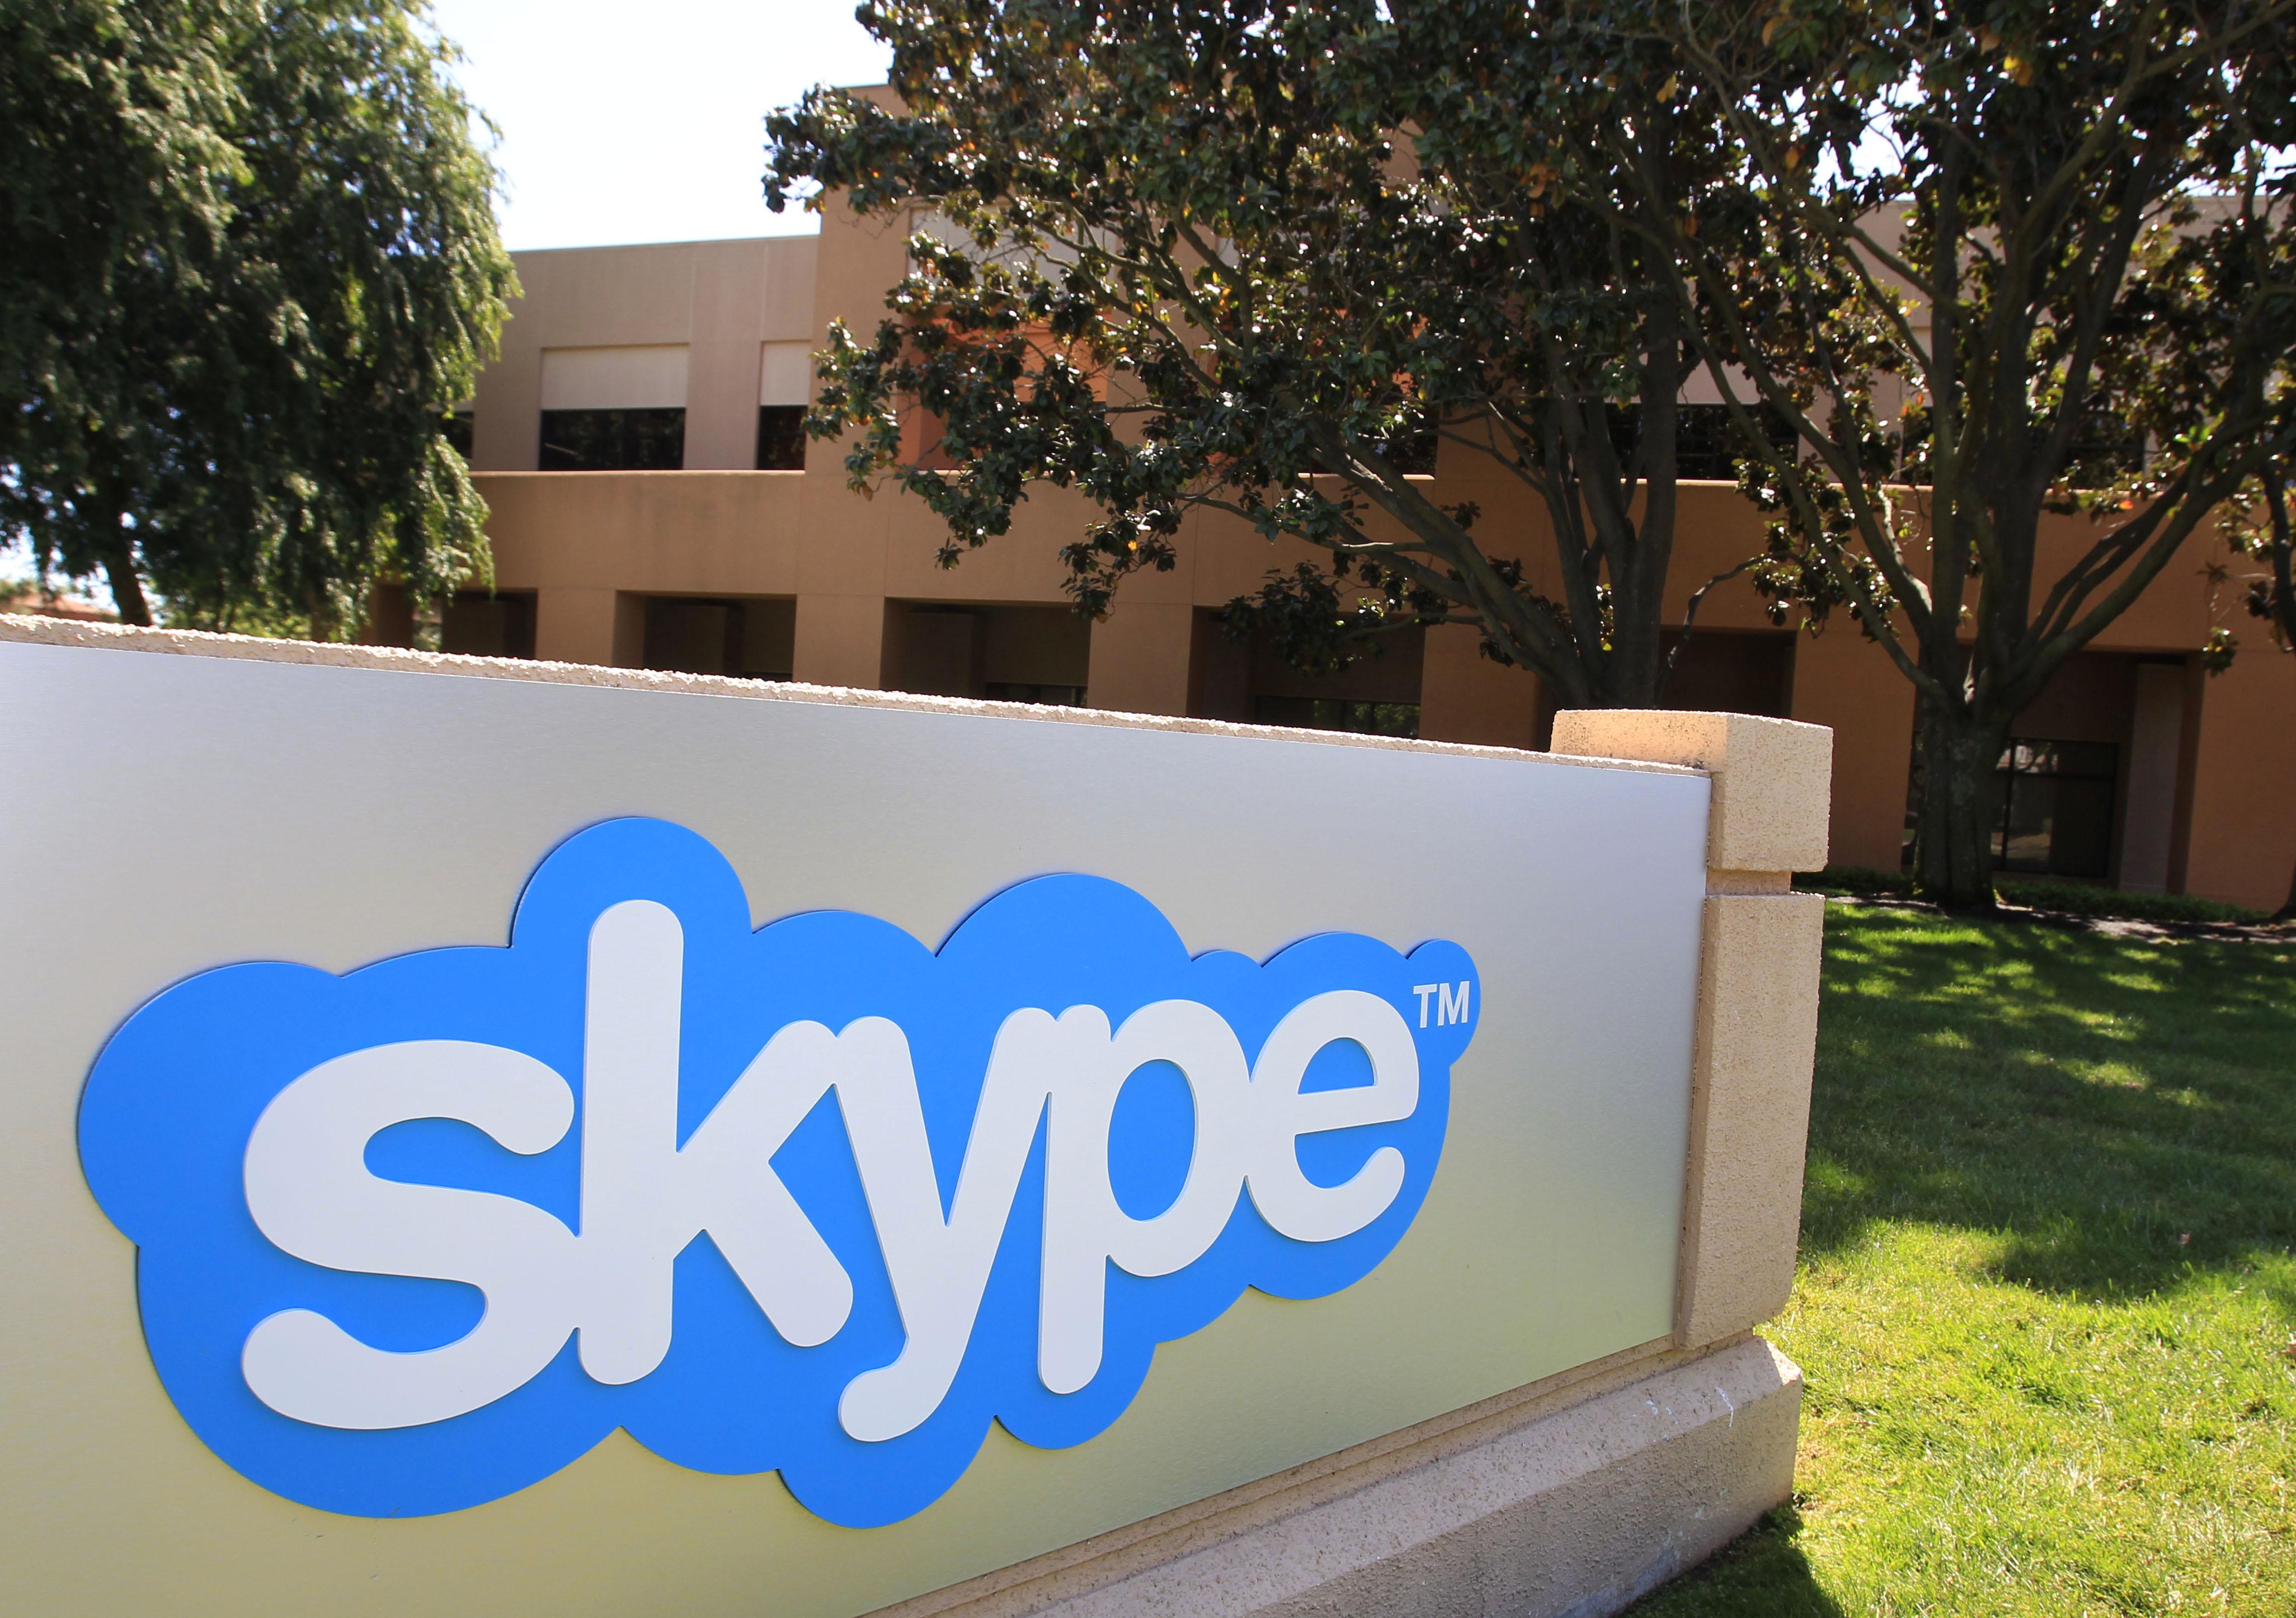 skype_outage_0a599.jpg